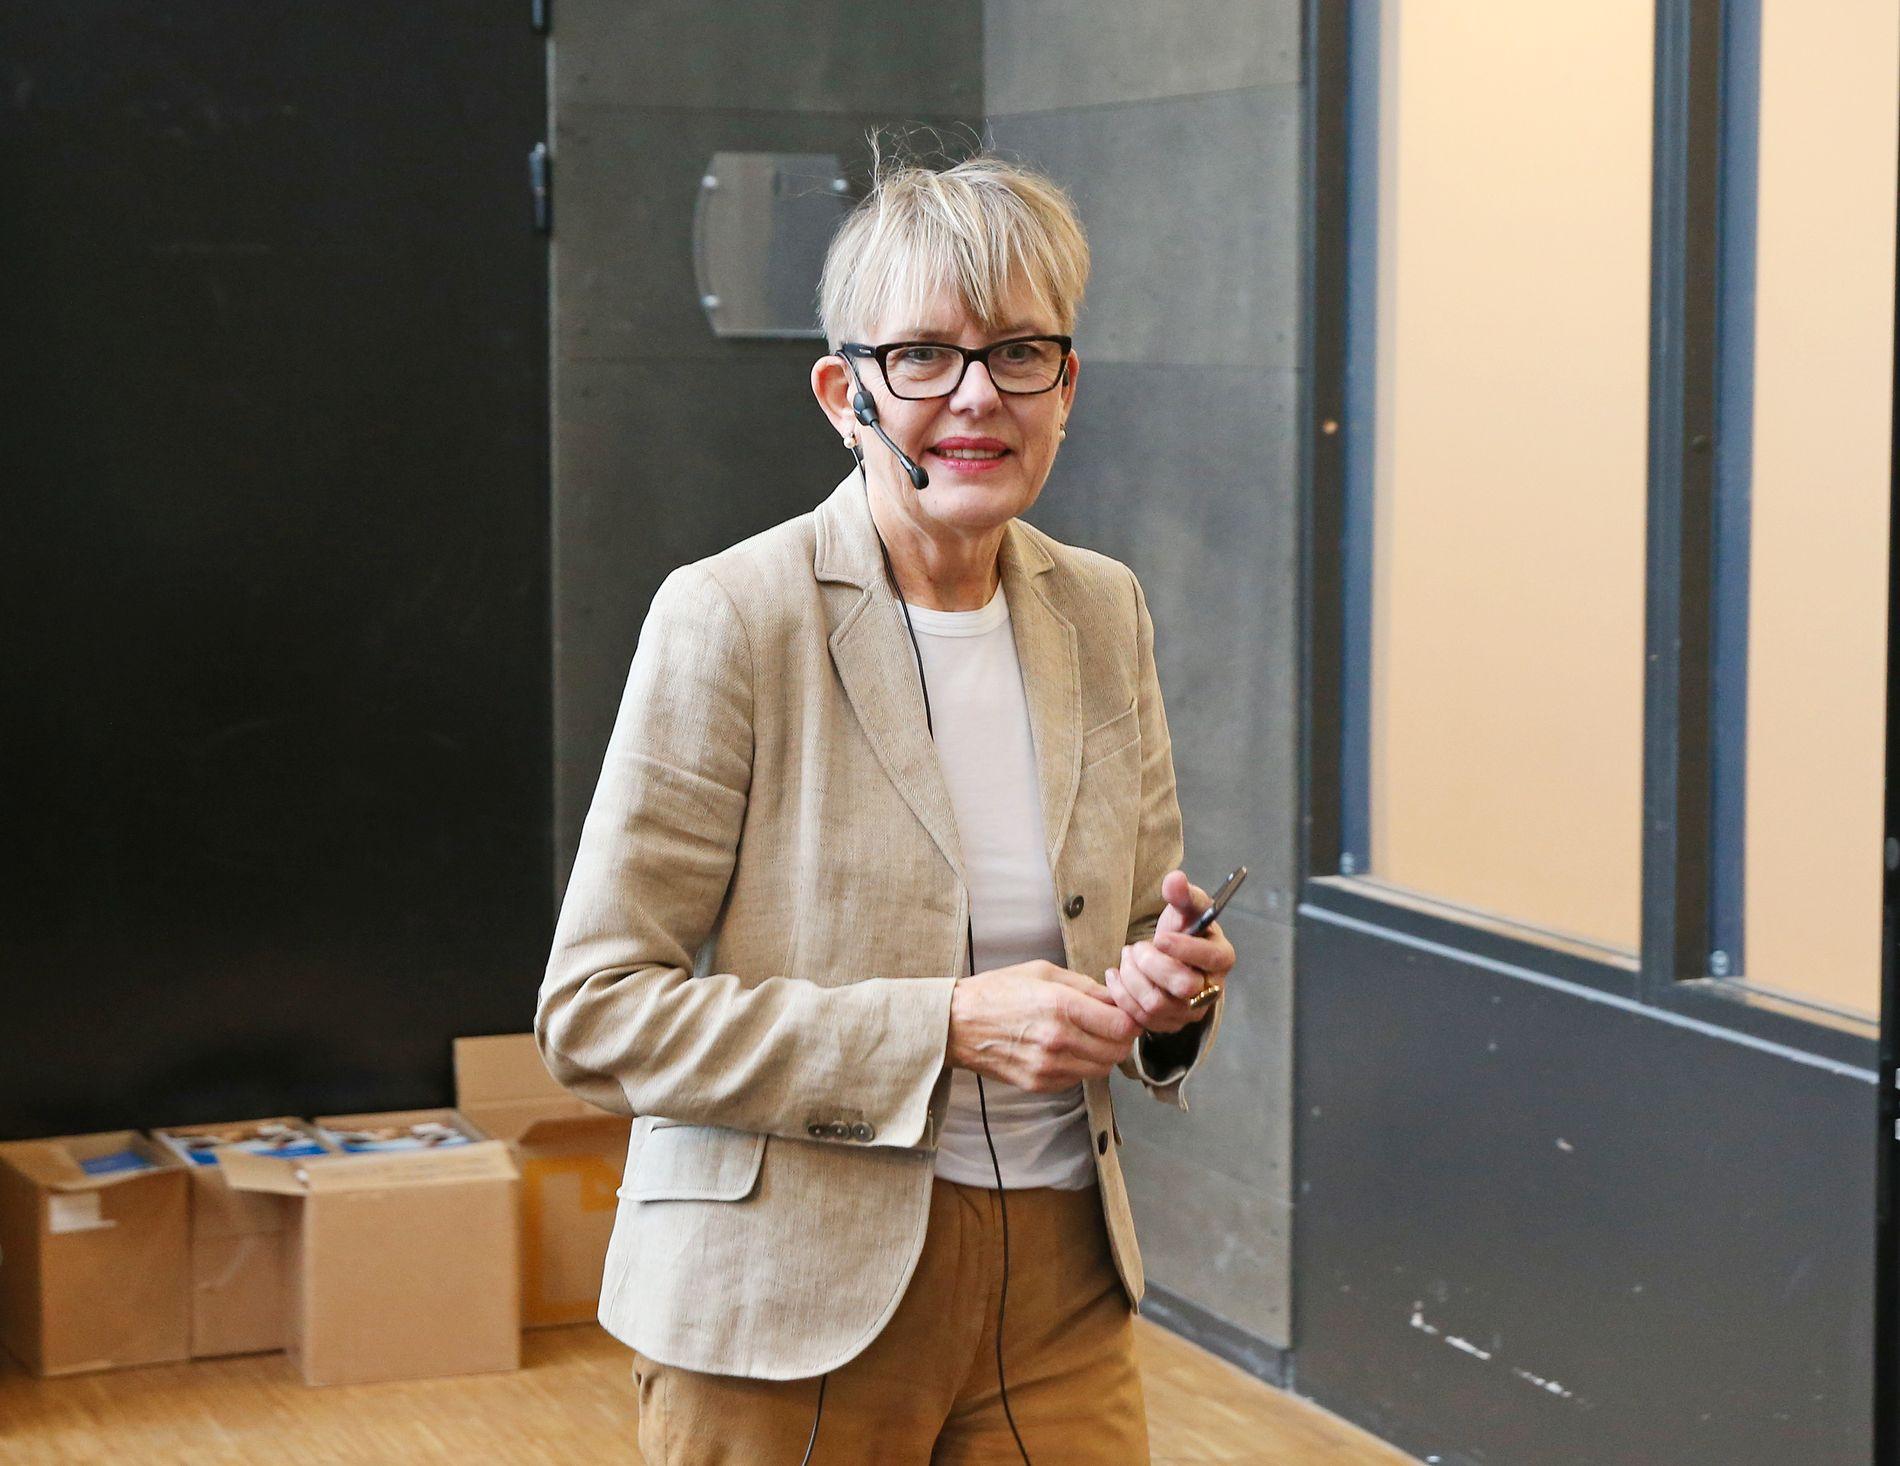 PÅVIRKET GRANSKING: Det er kommet inn over hundre varsler mot Astrid Søgnens avdelingsdirektør, Ragnhild Røed. VG har avslørt hvordan skolesjefen har prøvd å påvirke den uavhengige granskingen i kjølvannet av varslerstormen.